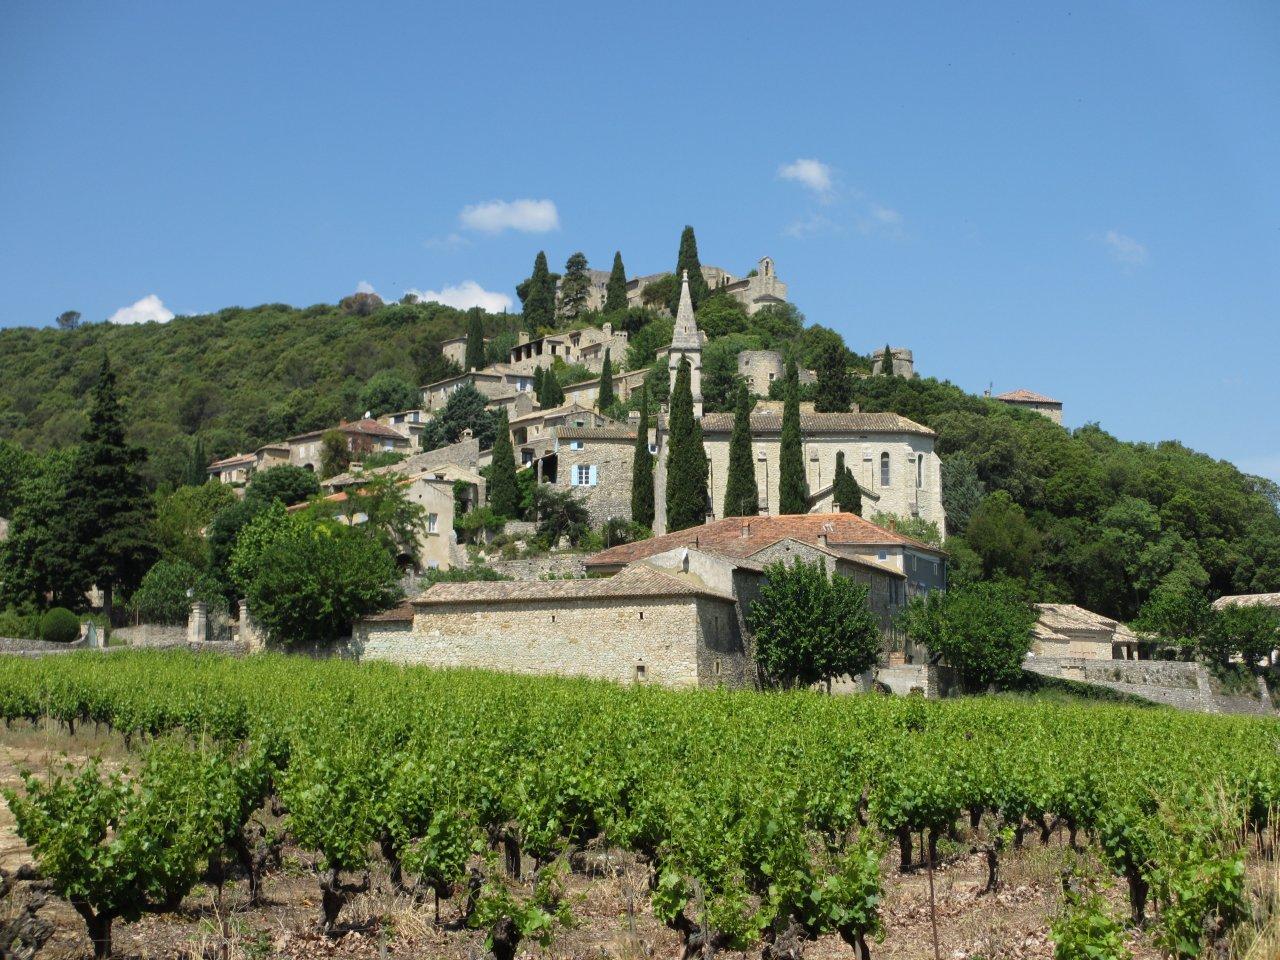 2012-05-29-12-55h-frankreich-provence-hochzeitsreise-490